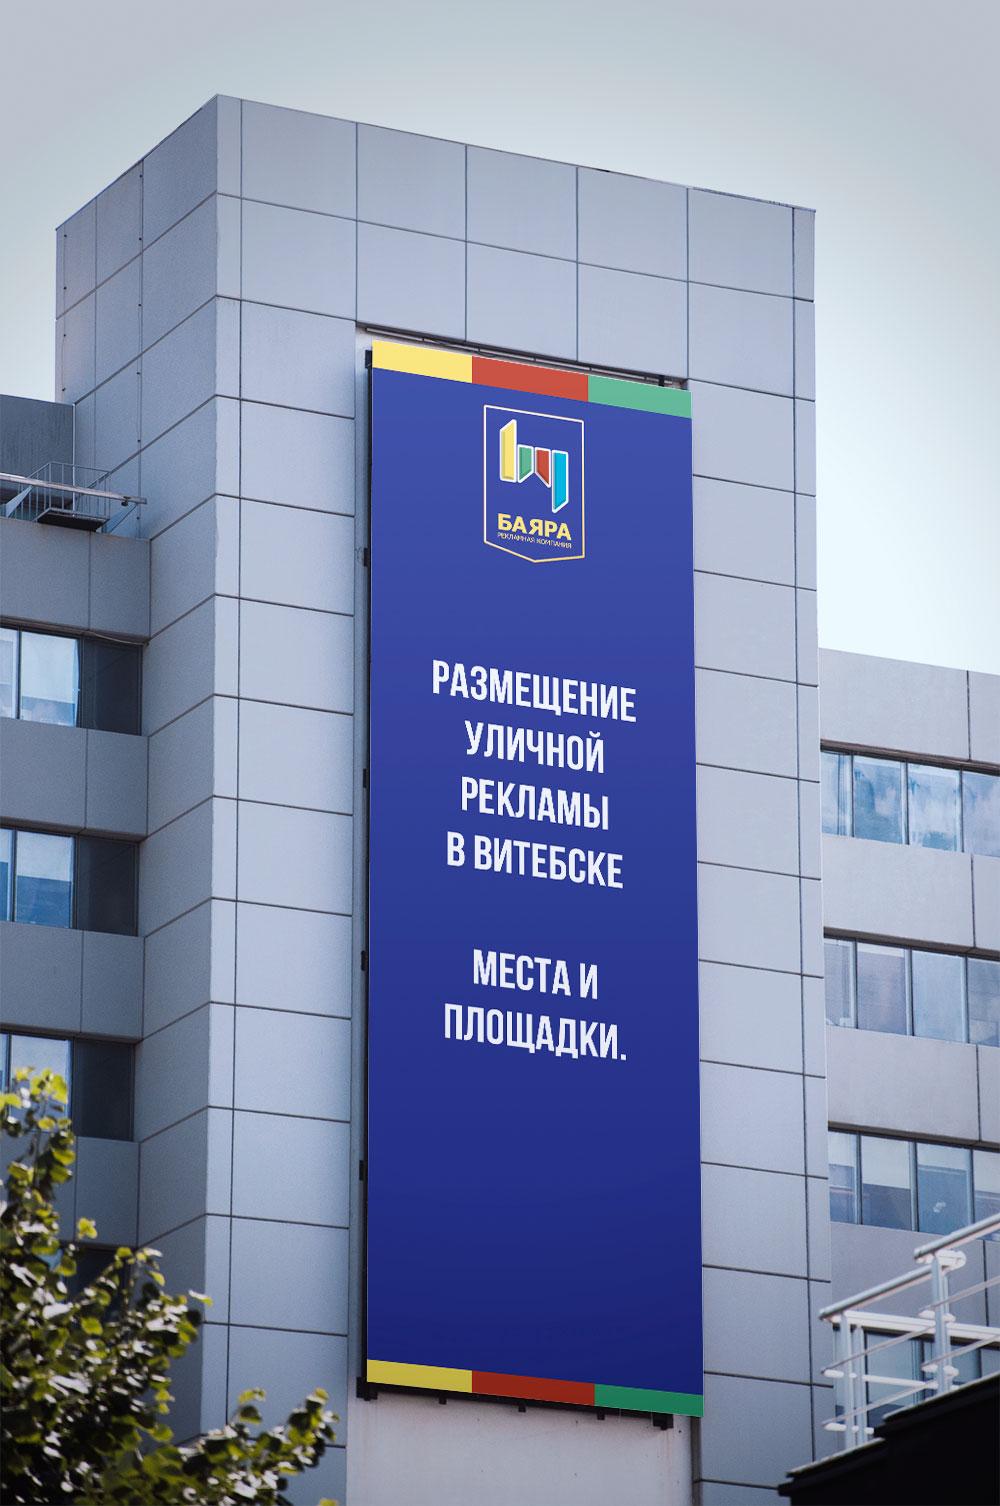 Размещение уличной рекламы в Витебске. Места и площадки.